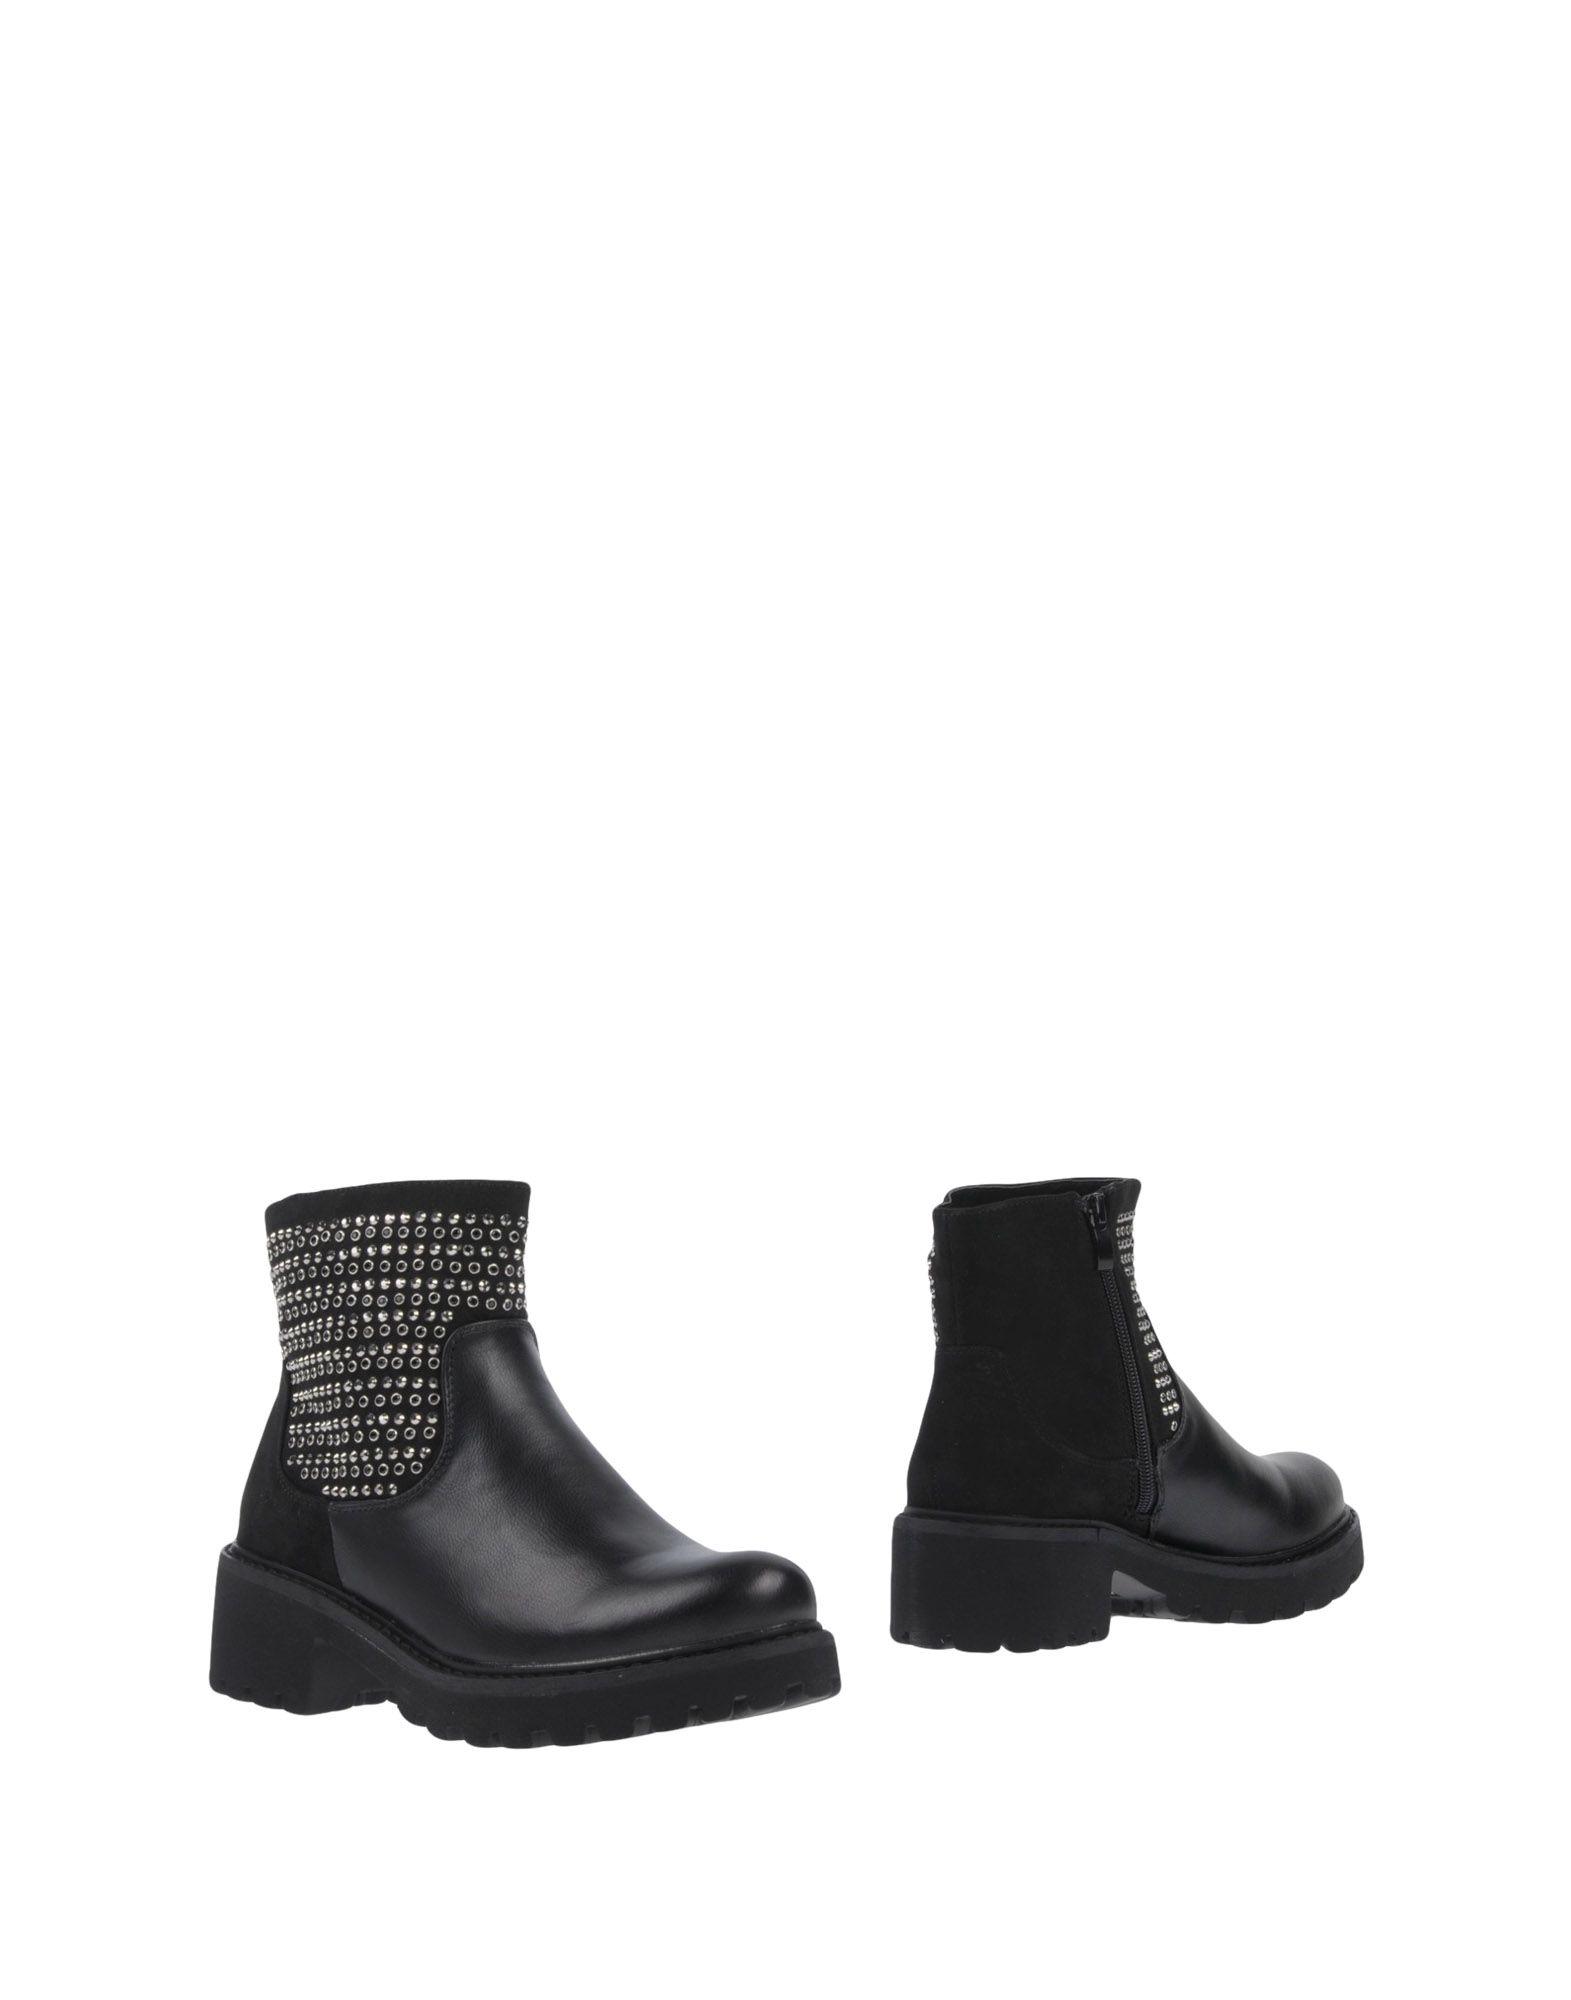 KHARISMA Полусапоги и высокие ботинки grey mer полусапоги и высокие ботинки